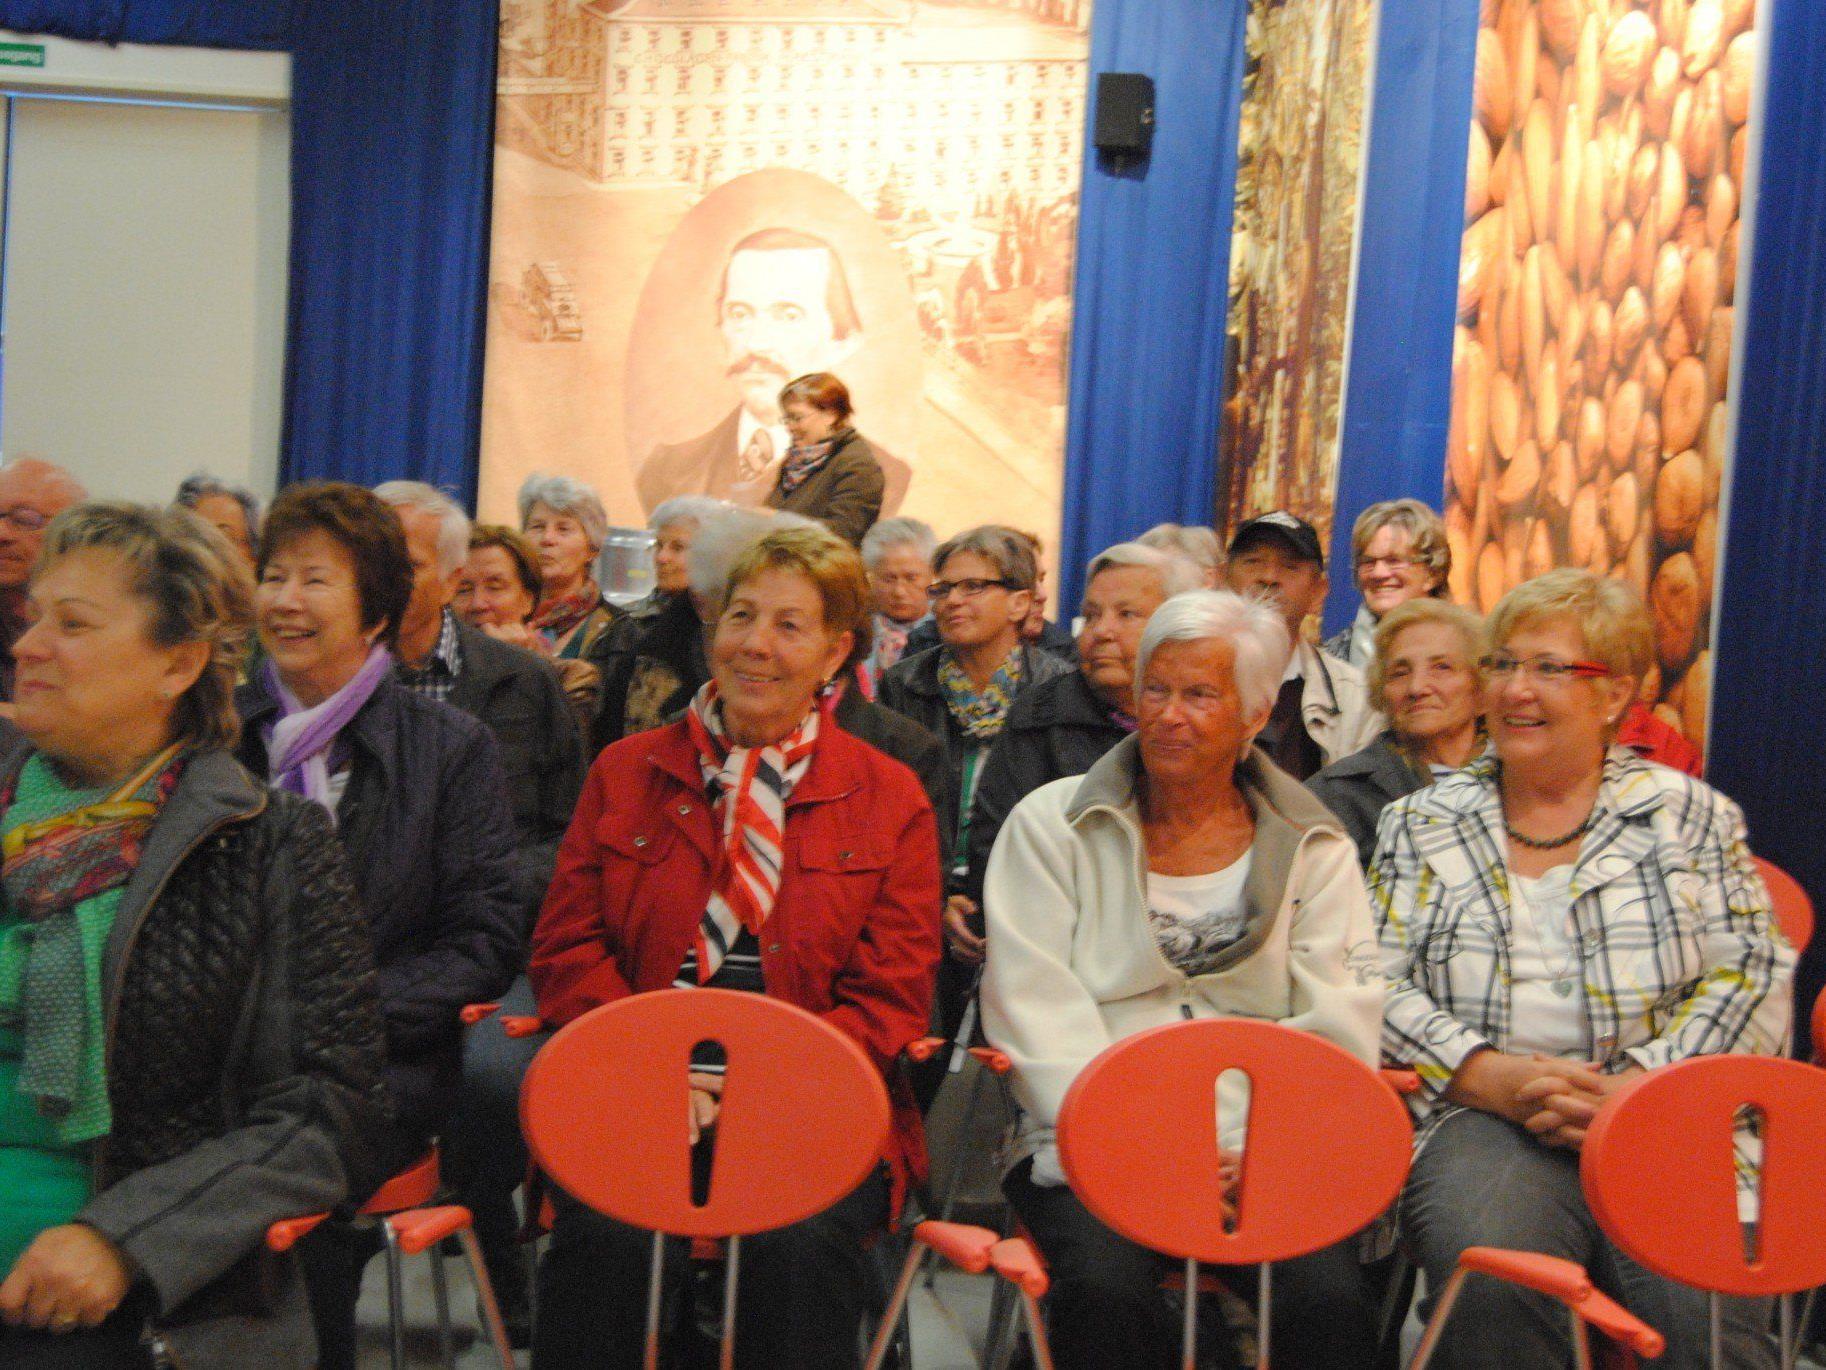 Mit freuden folgten die Senioren dem Vortrag